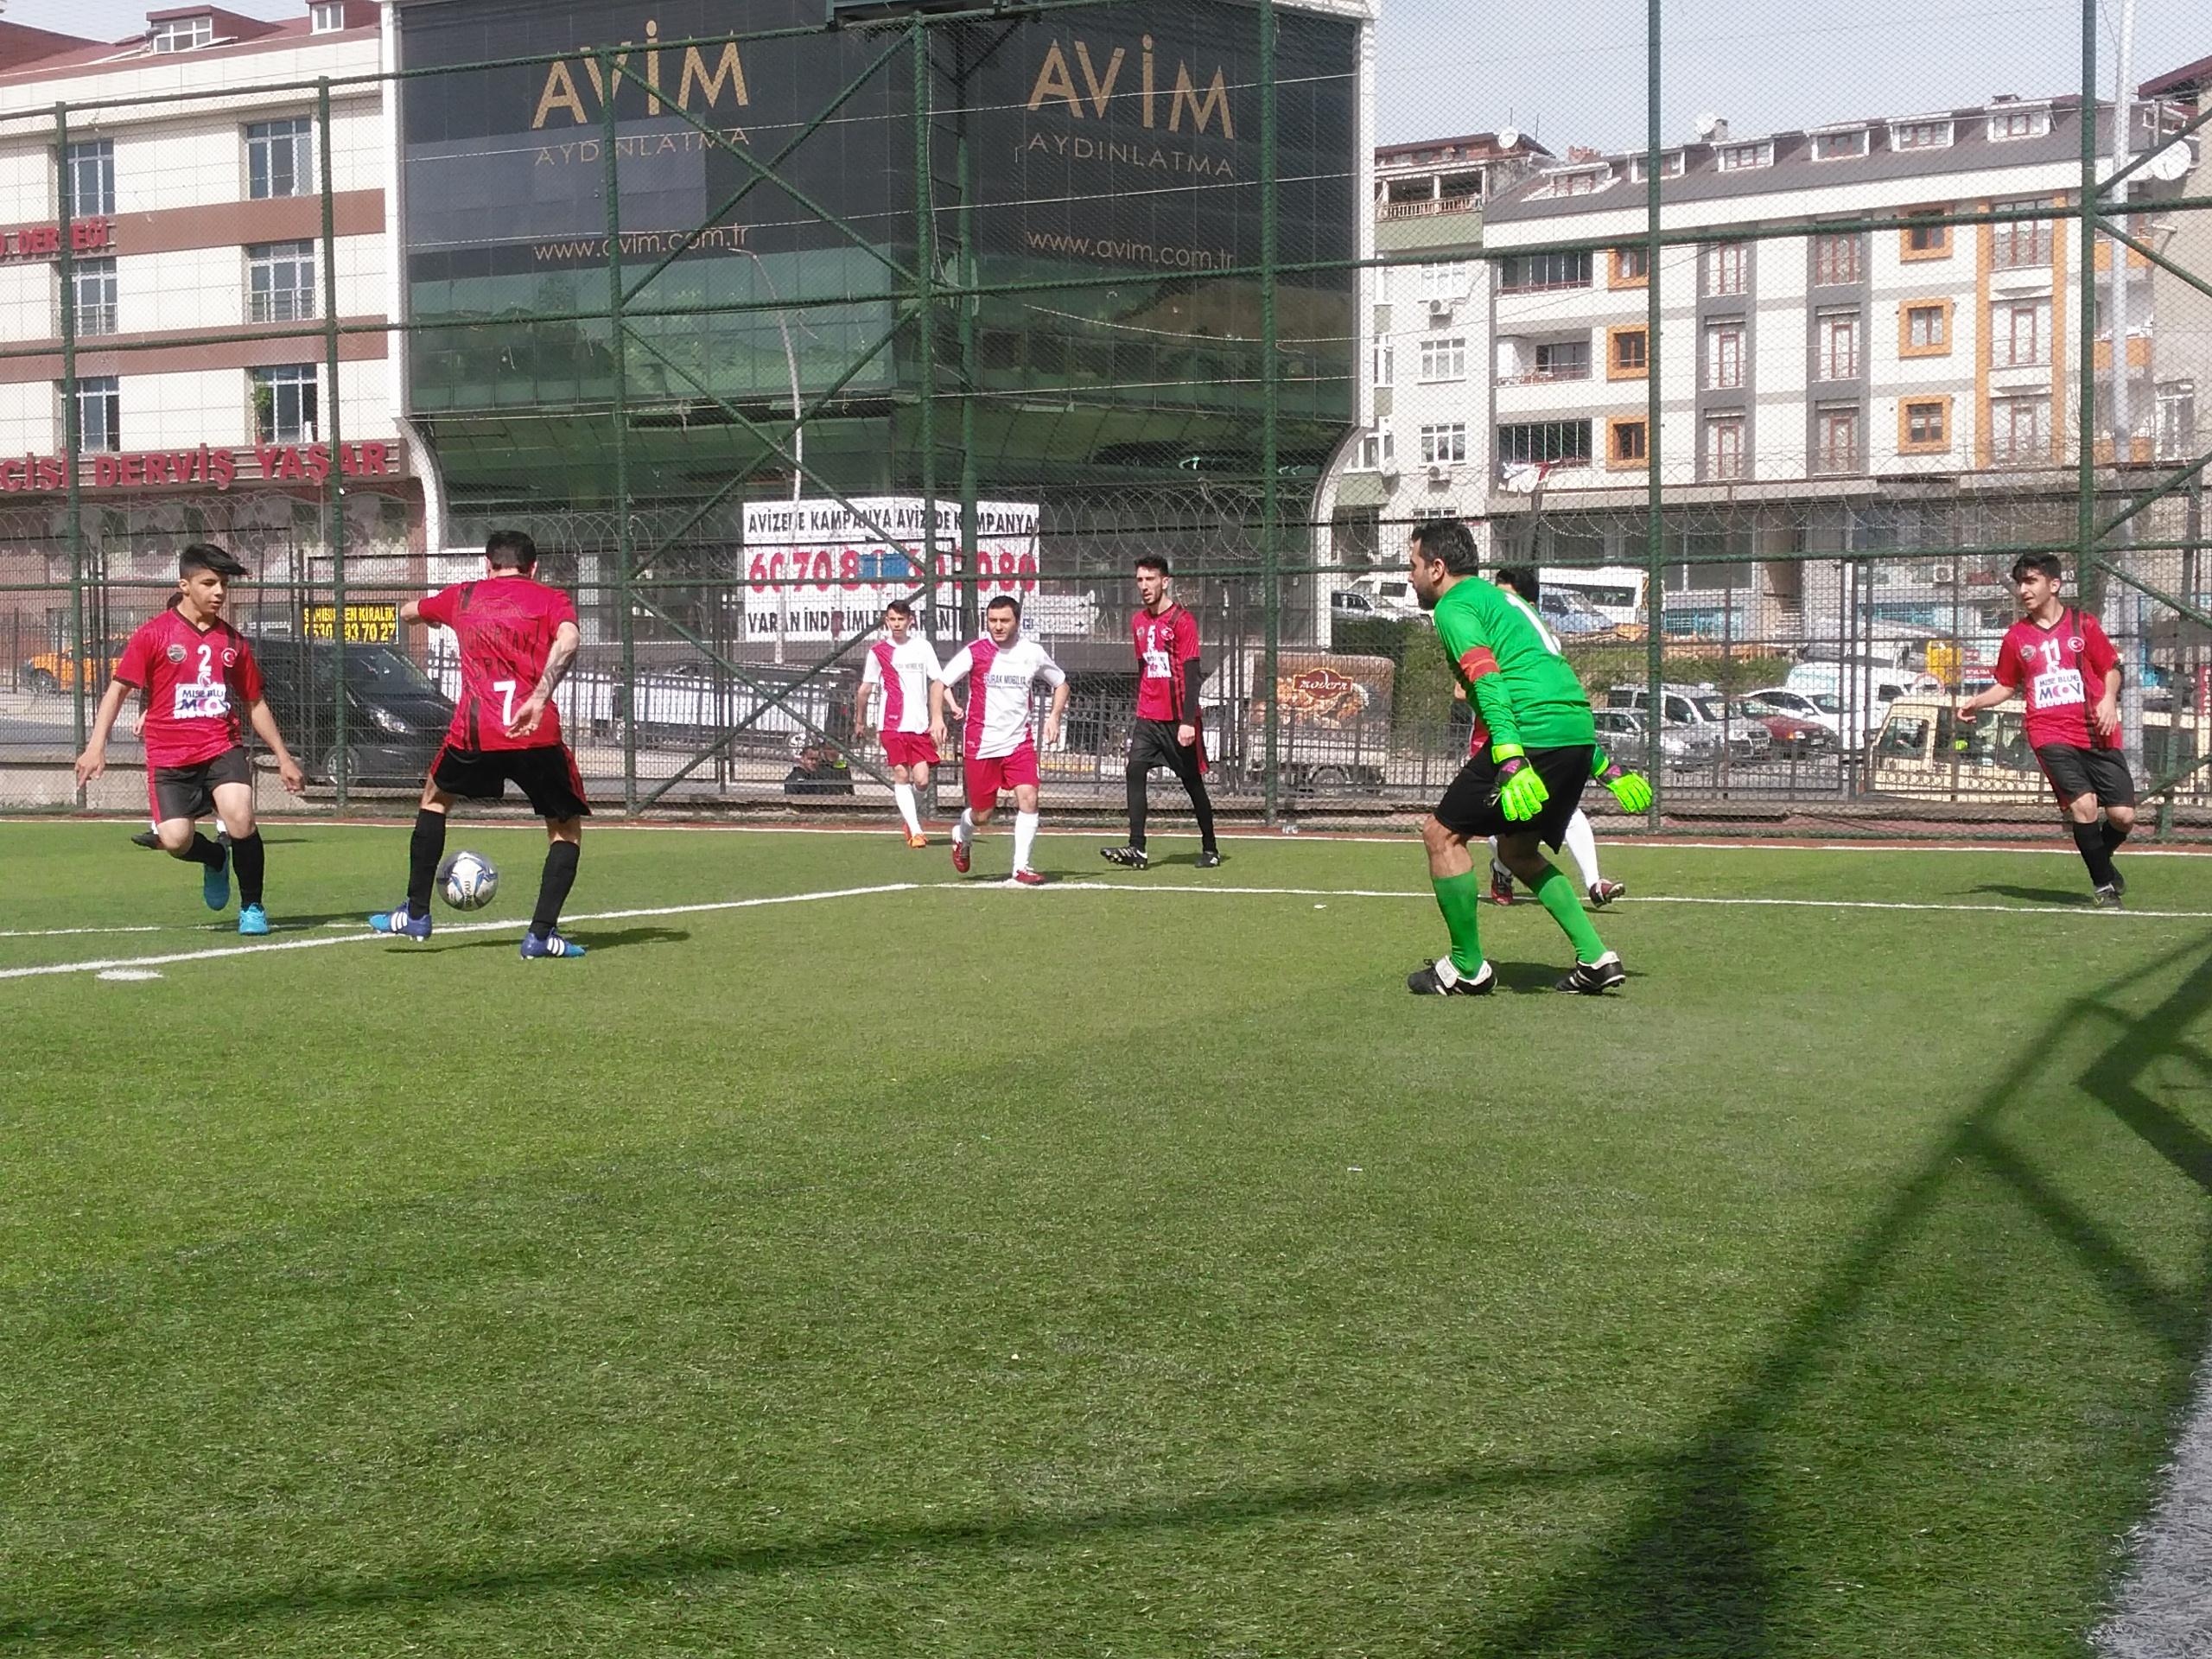 Doğanyol dernekleri futbol turnuvası başlama vuruşuyla başladı